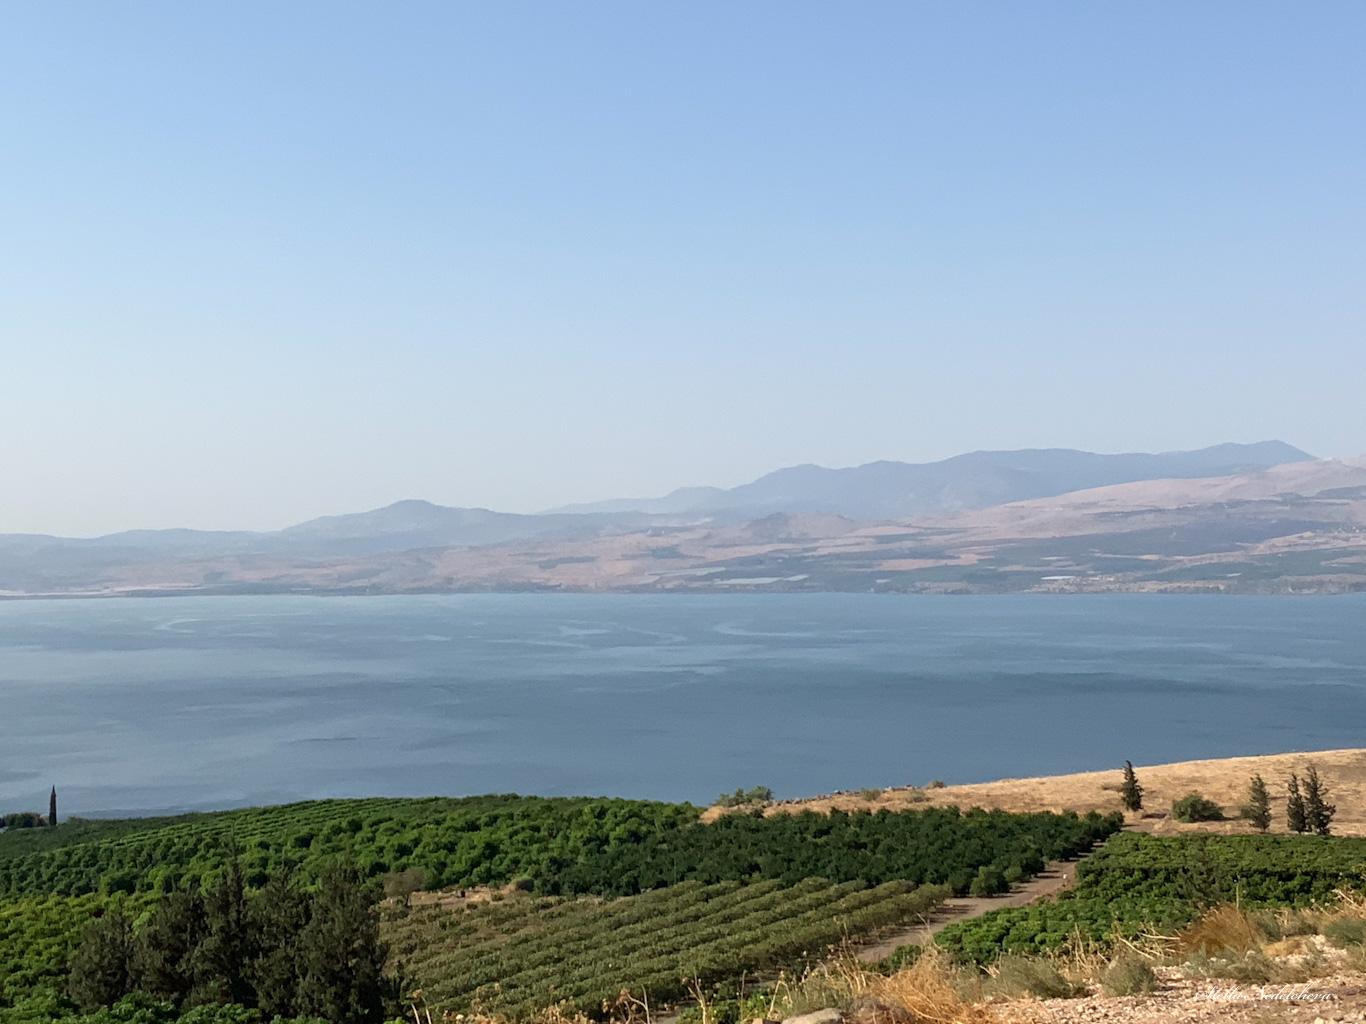 Vue sur la mer de Galilée